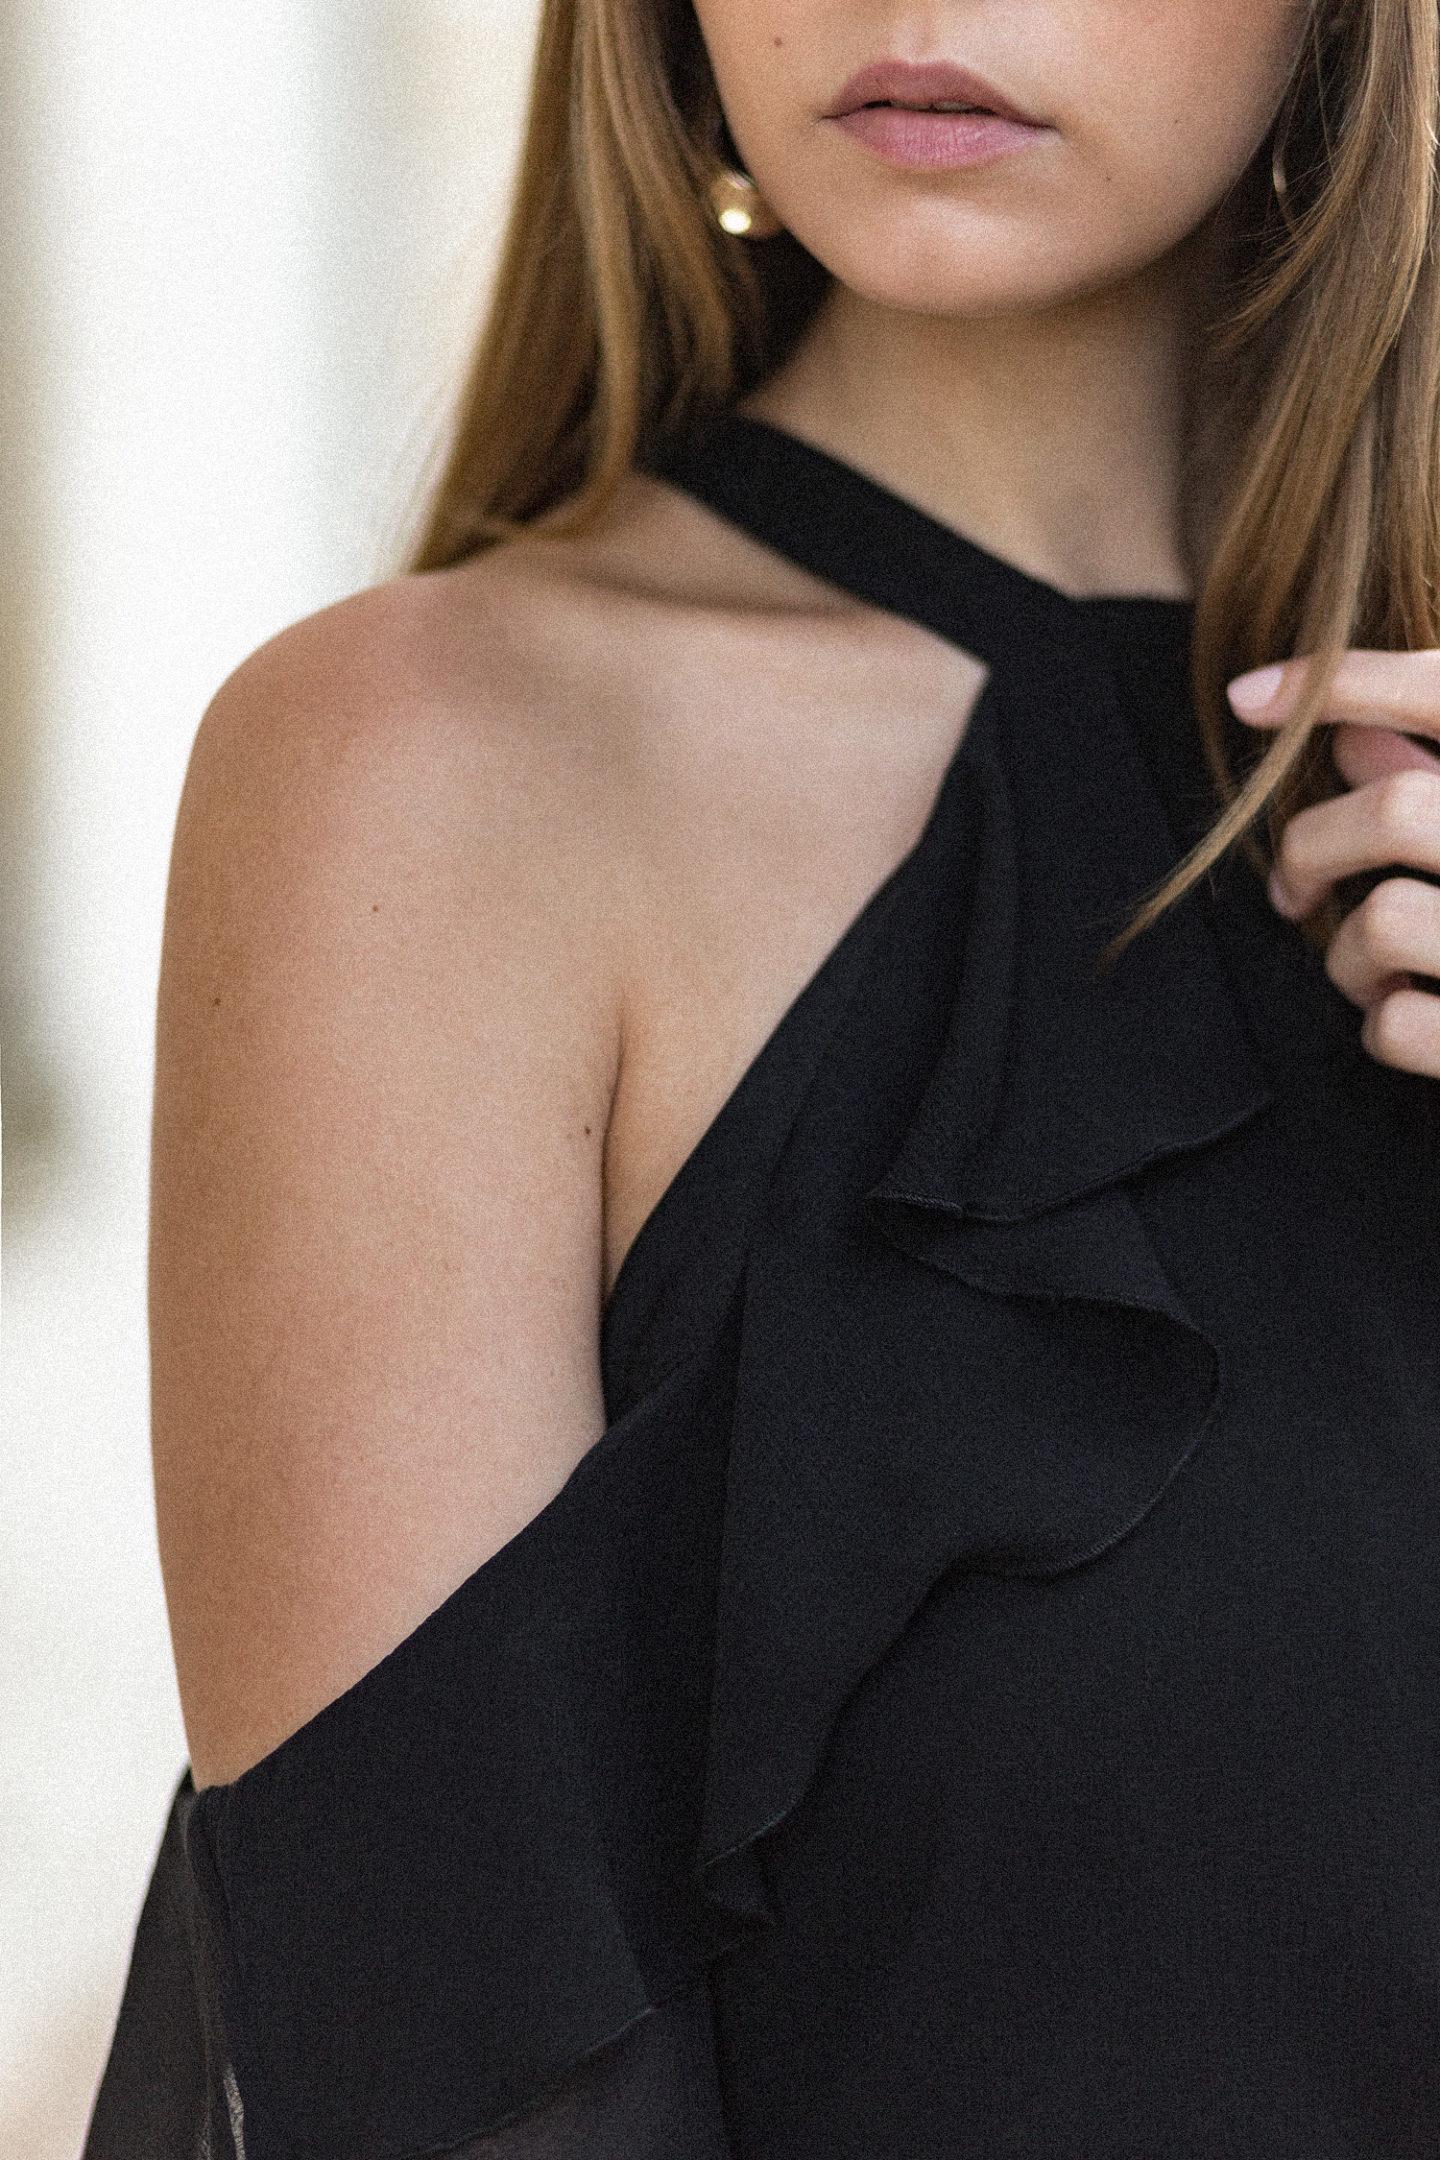 Elegantes schwarz-weiß Outfit mit schulterfreier Bluse